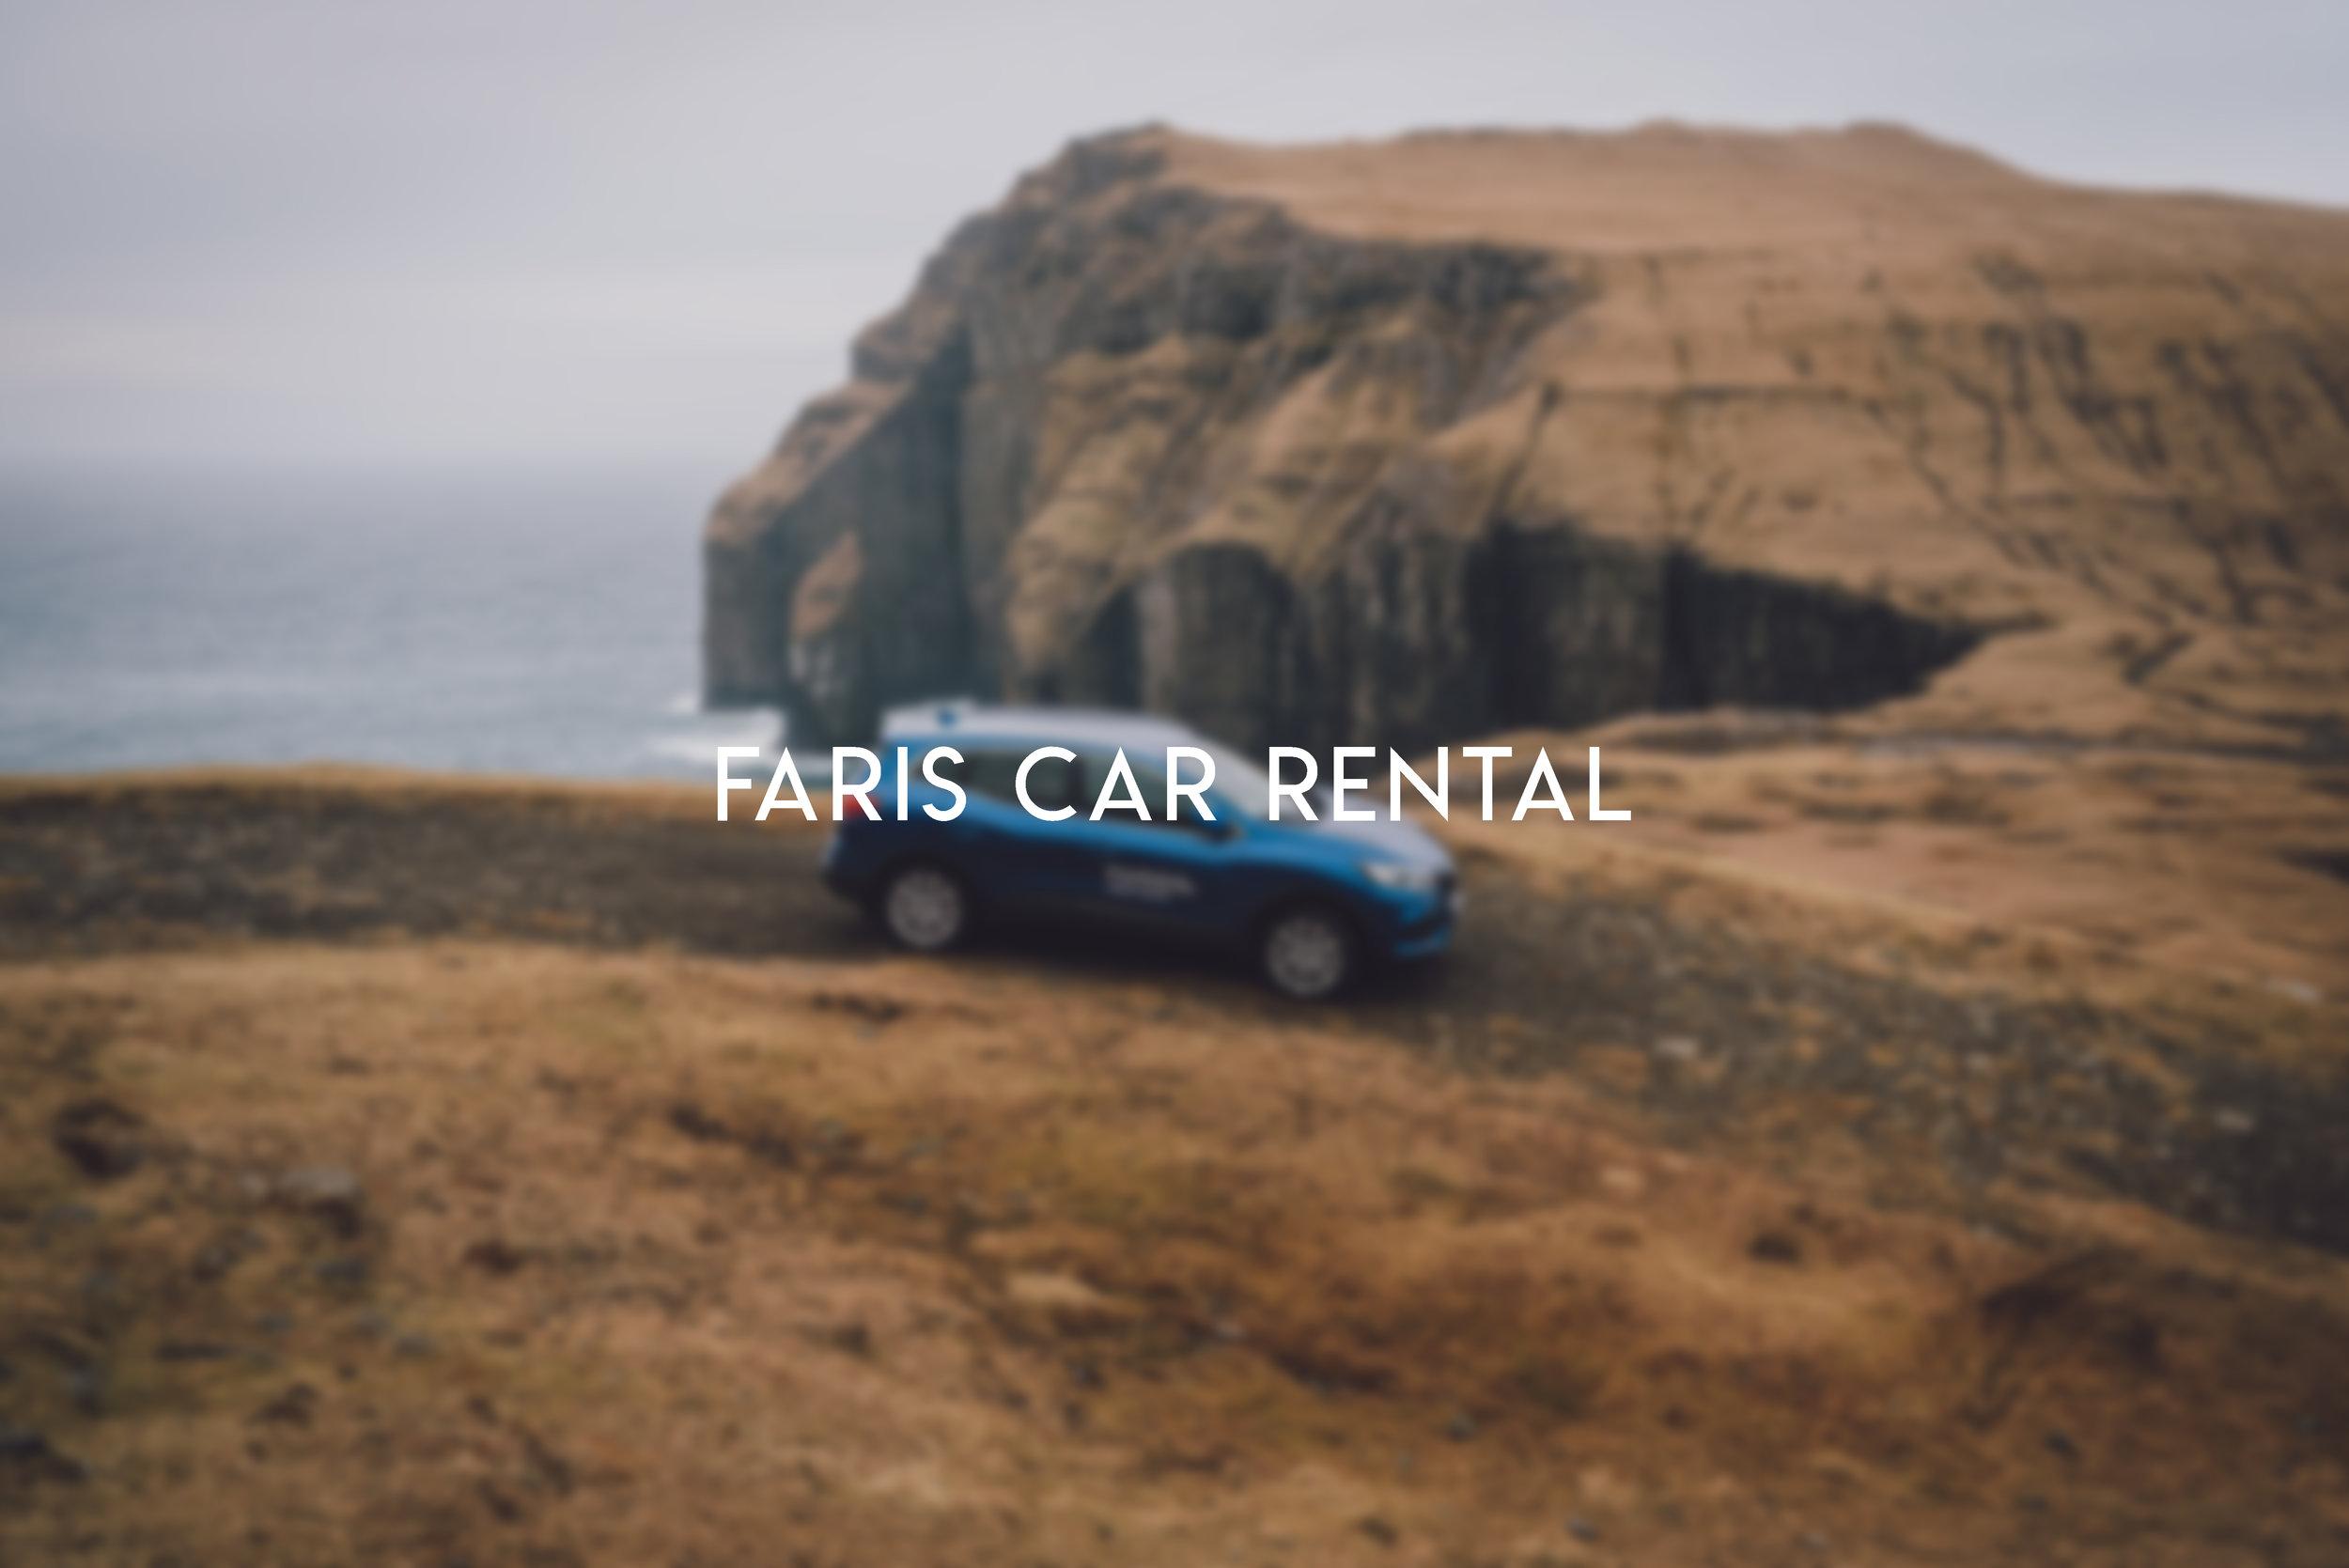 Faris Car Rental Cover.jpg